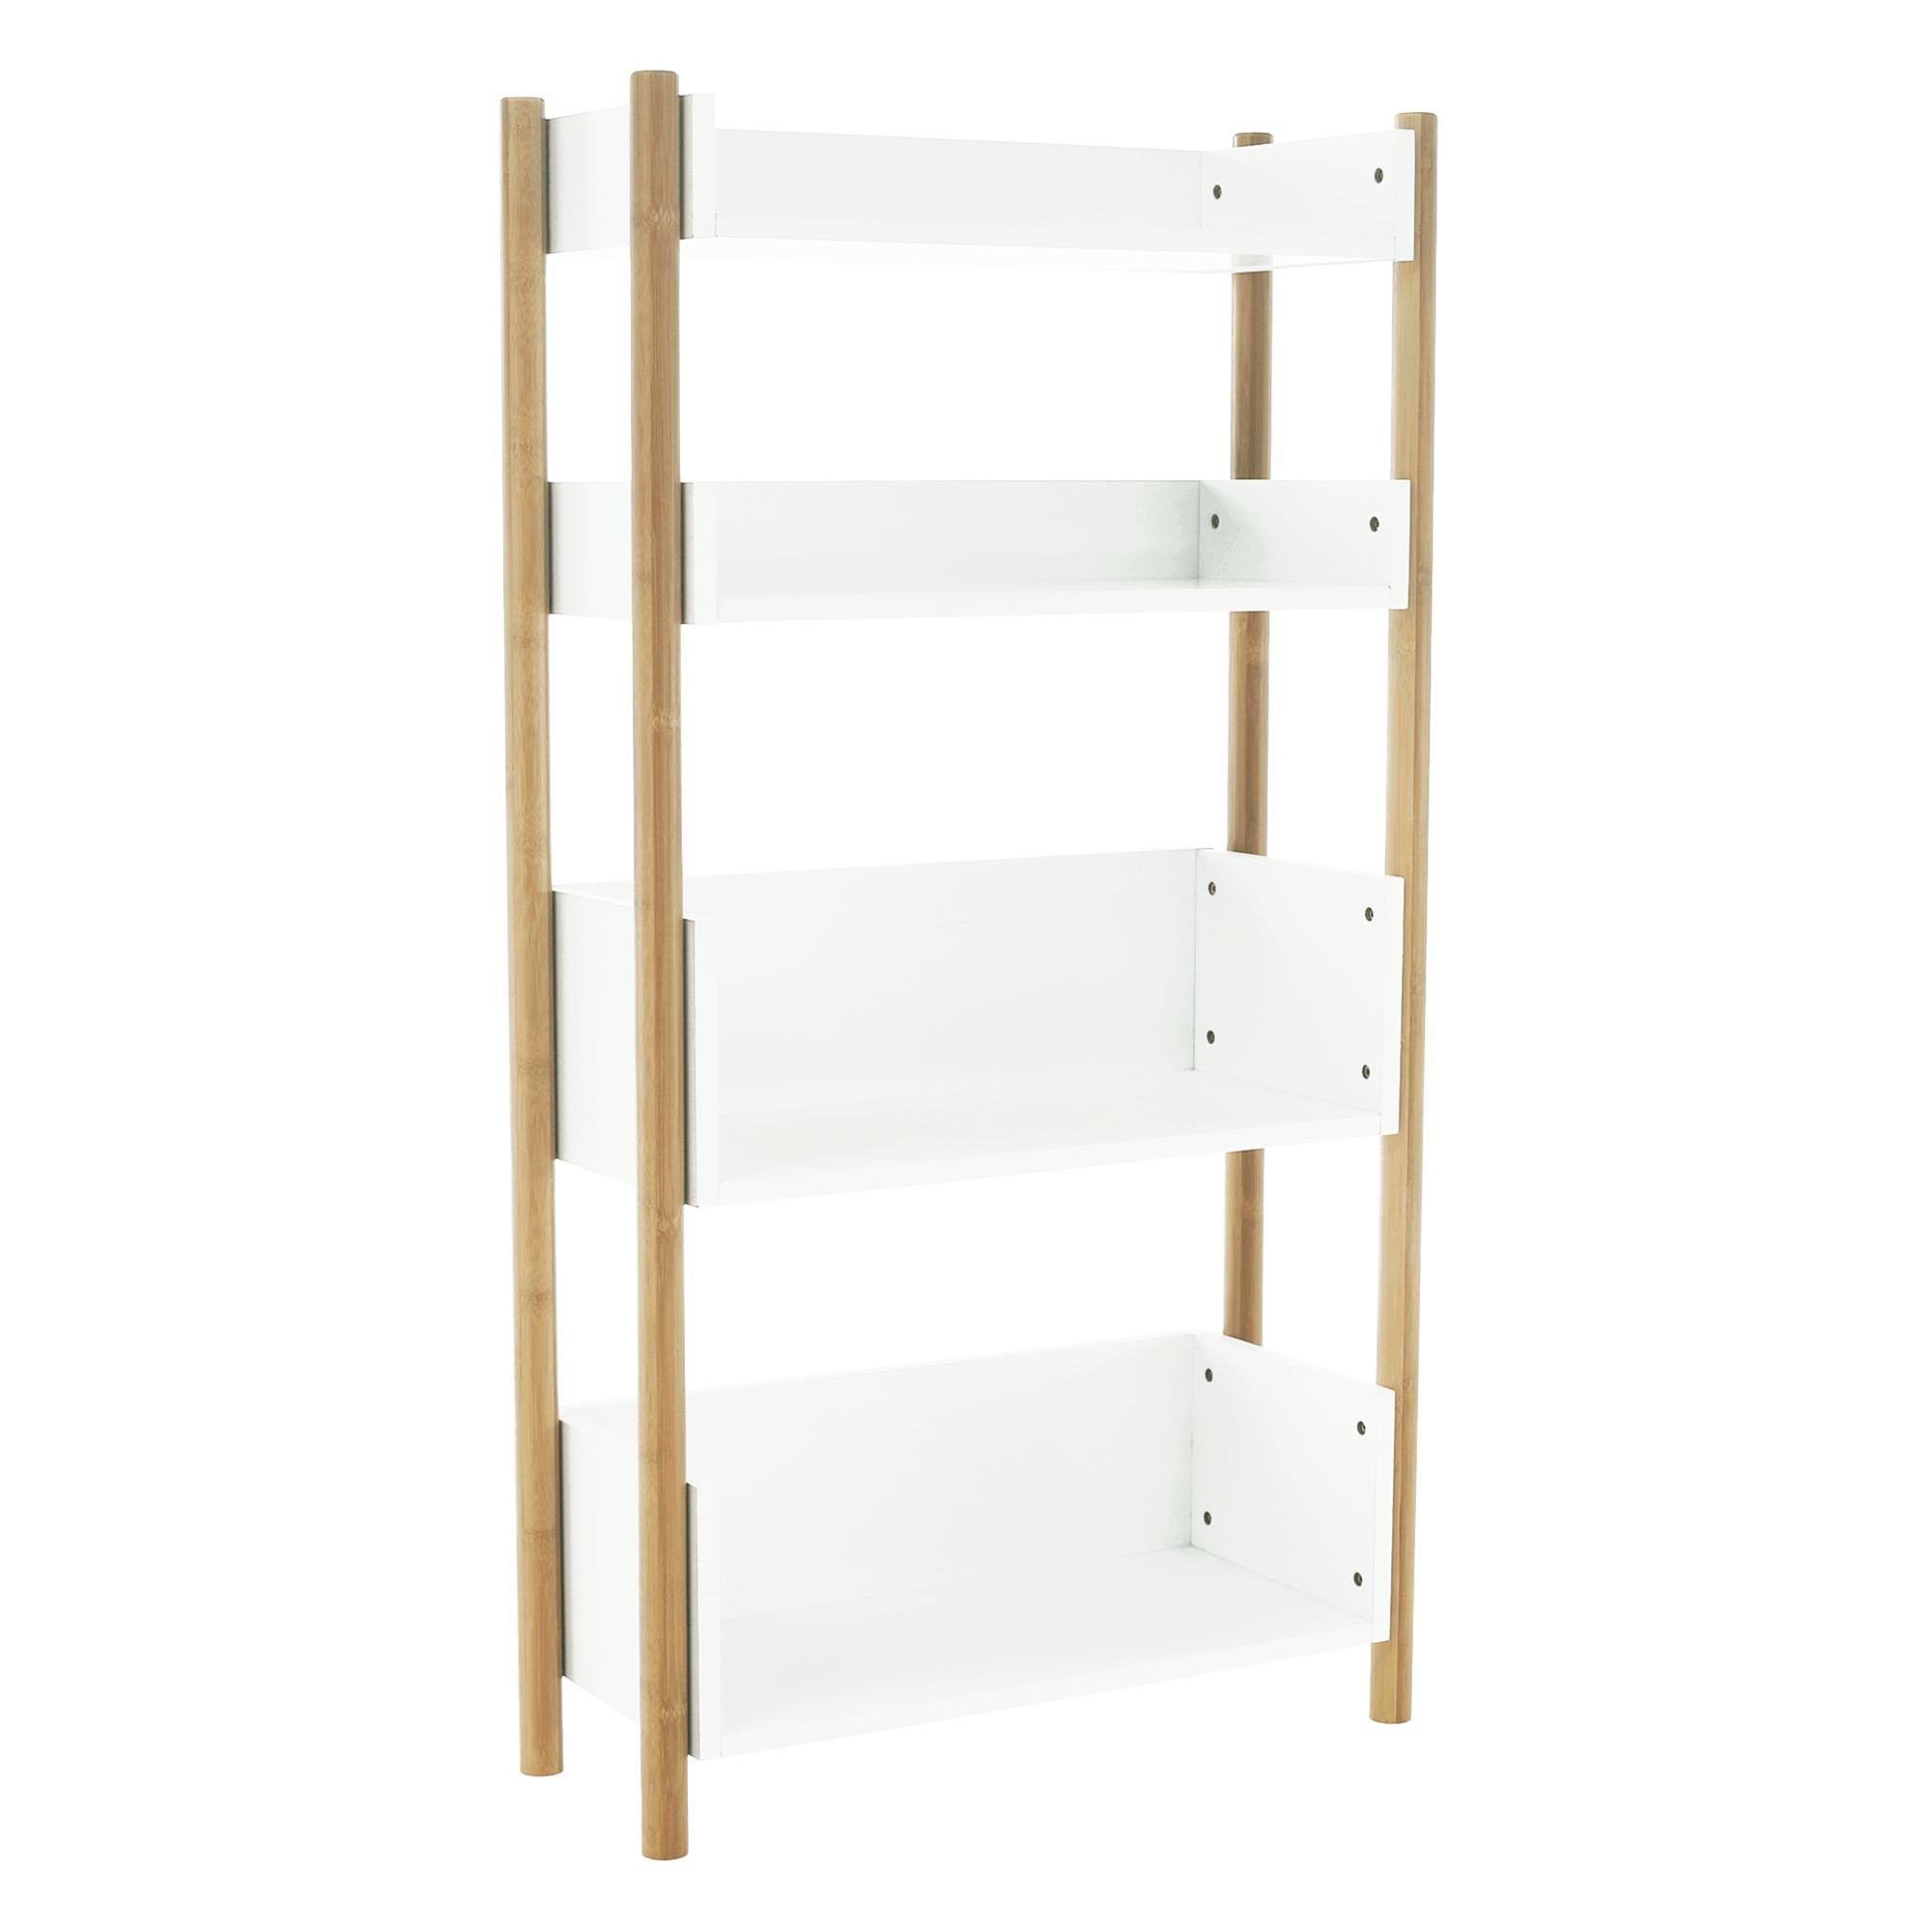 Etajeră cu 4 rafturi, bambus natural / alb, BALTIKA TYPE 3